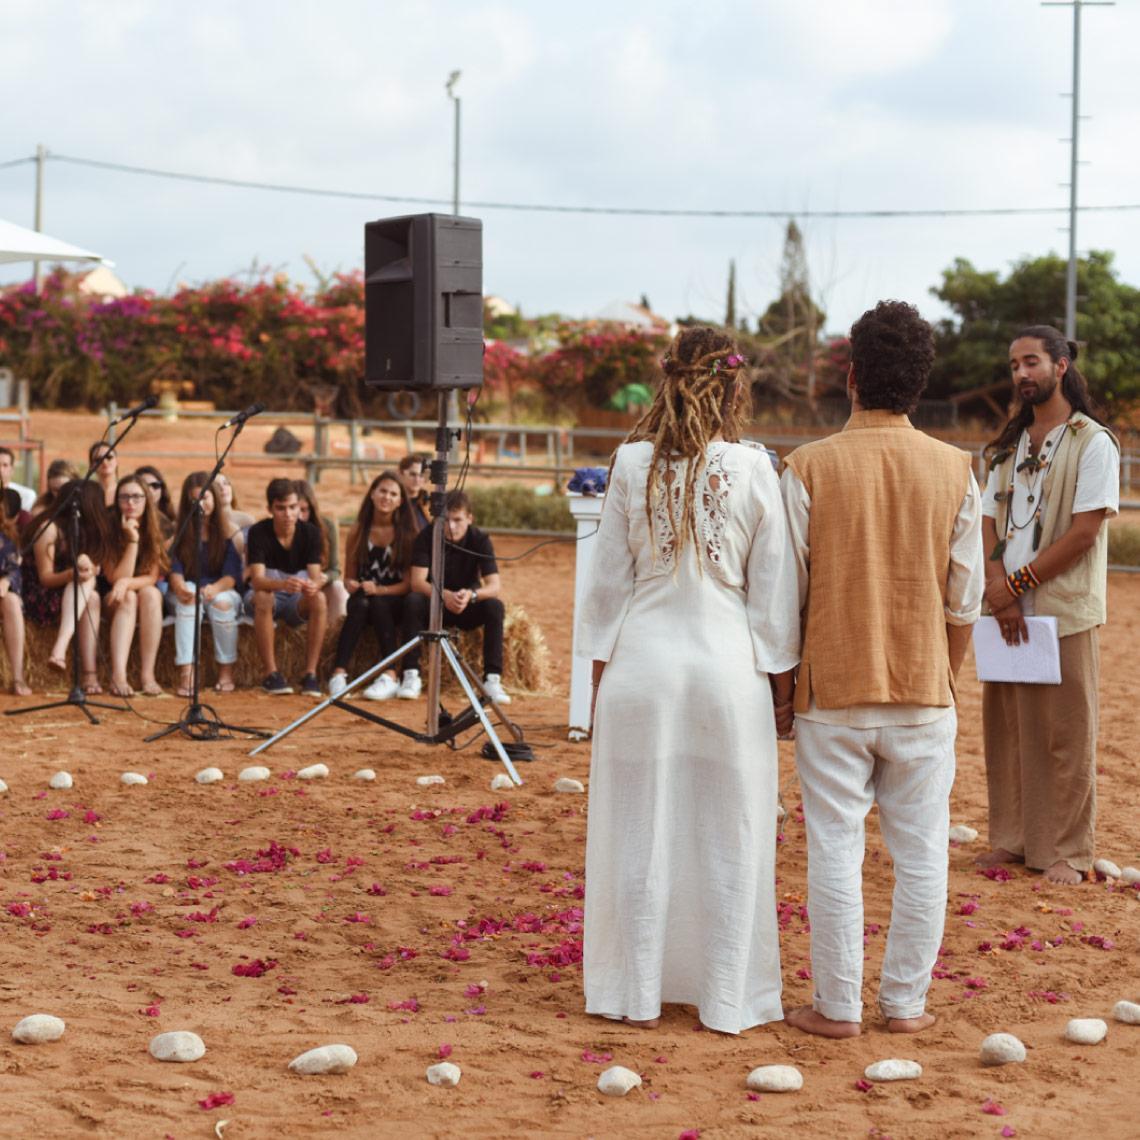 חתונה בלב המדבר - מרפסת בטבע